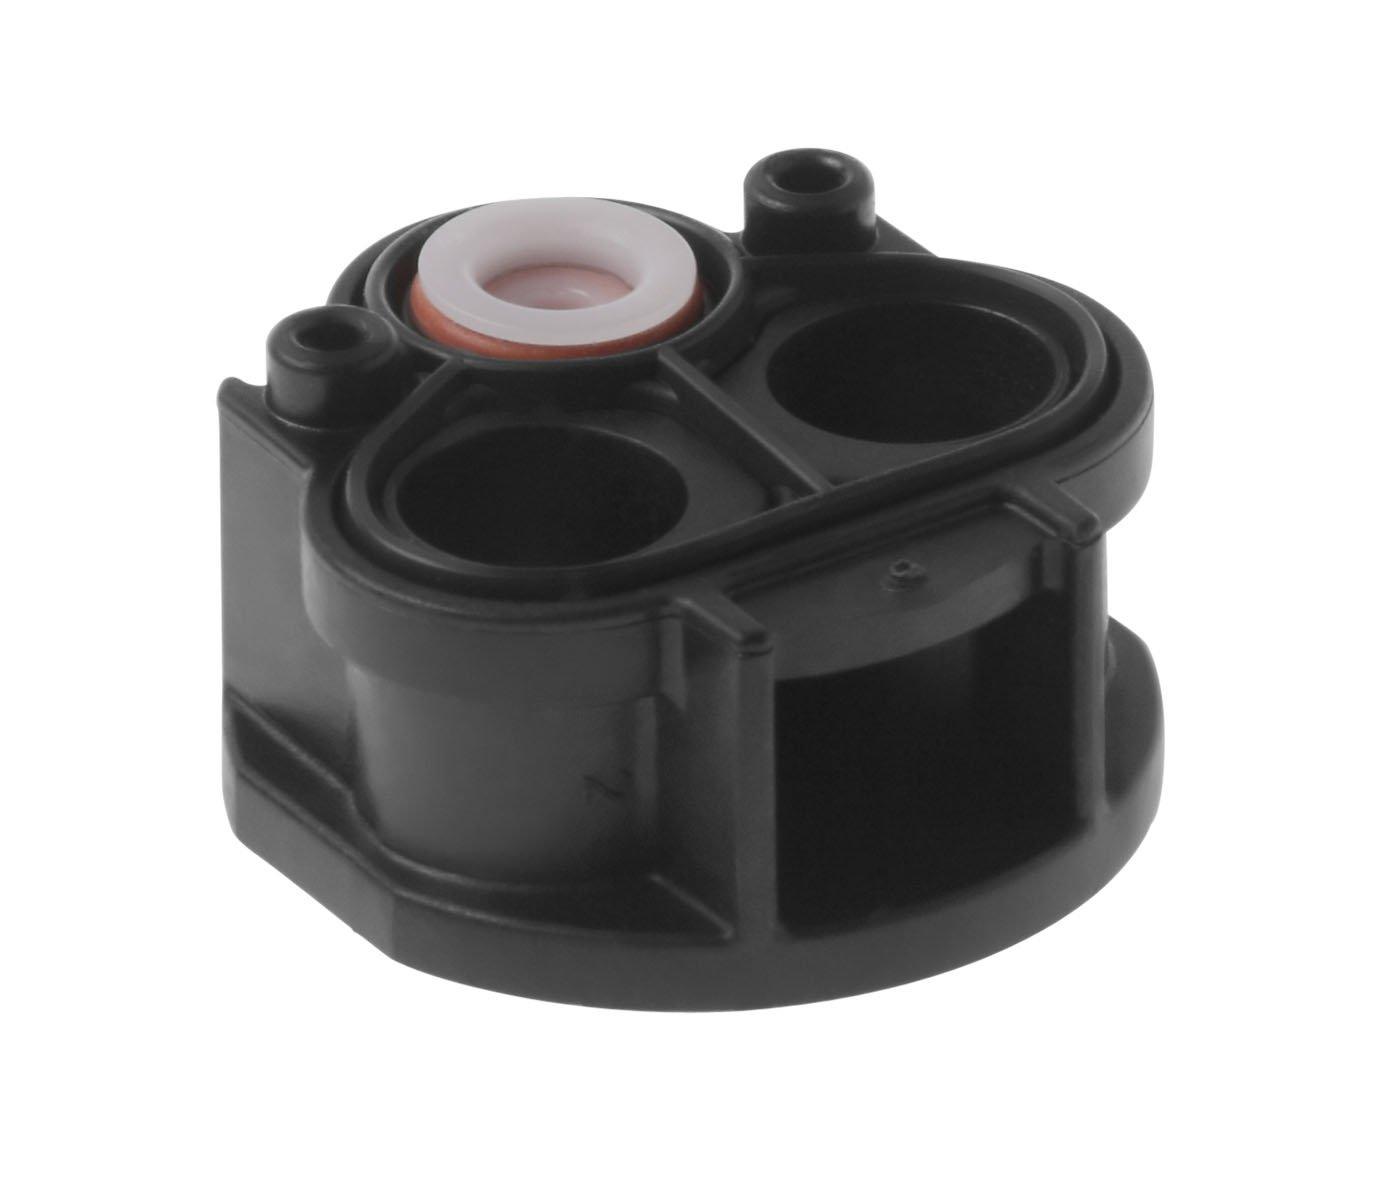 Amazon.com: KOHLER K-1060800 Faucet Spacer: Home Improvement